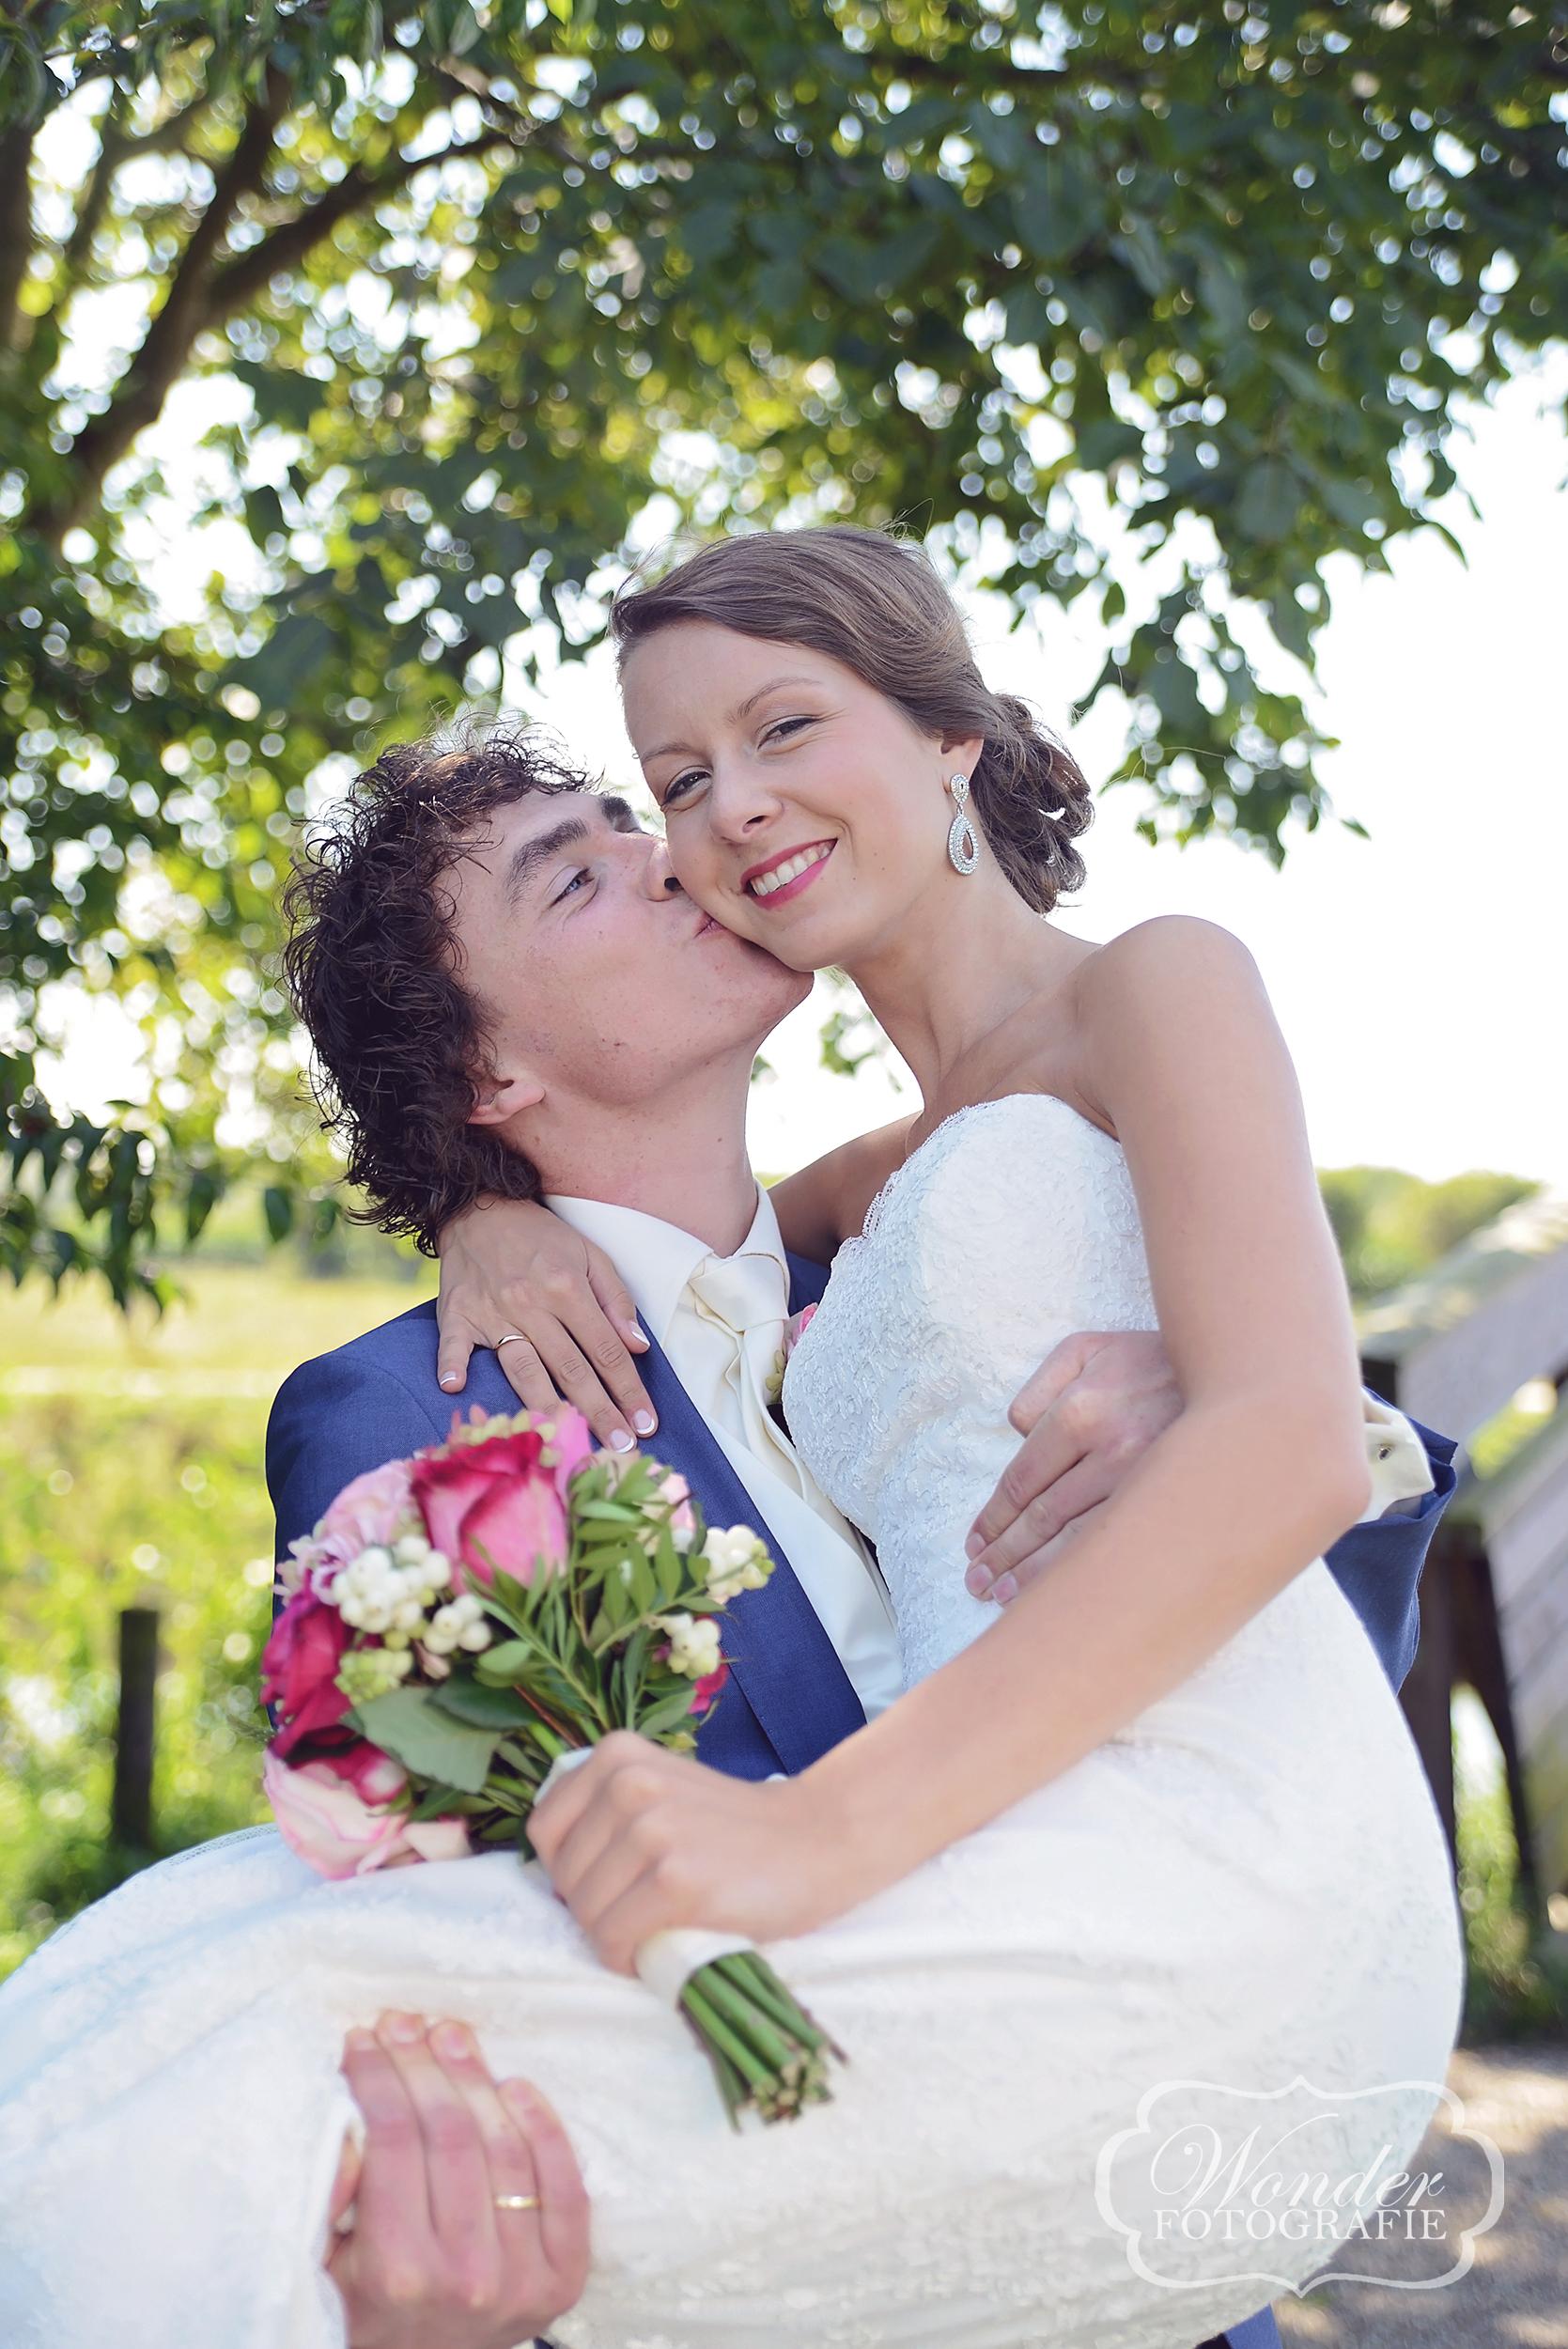 Trouwfotograaf Bruidsfotograaf Trouwfotografie Bruidsfotografie DIY Romantisch Spontaan Natuurlijk (